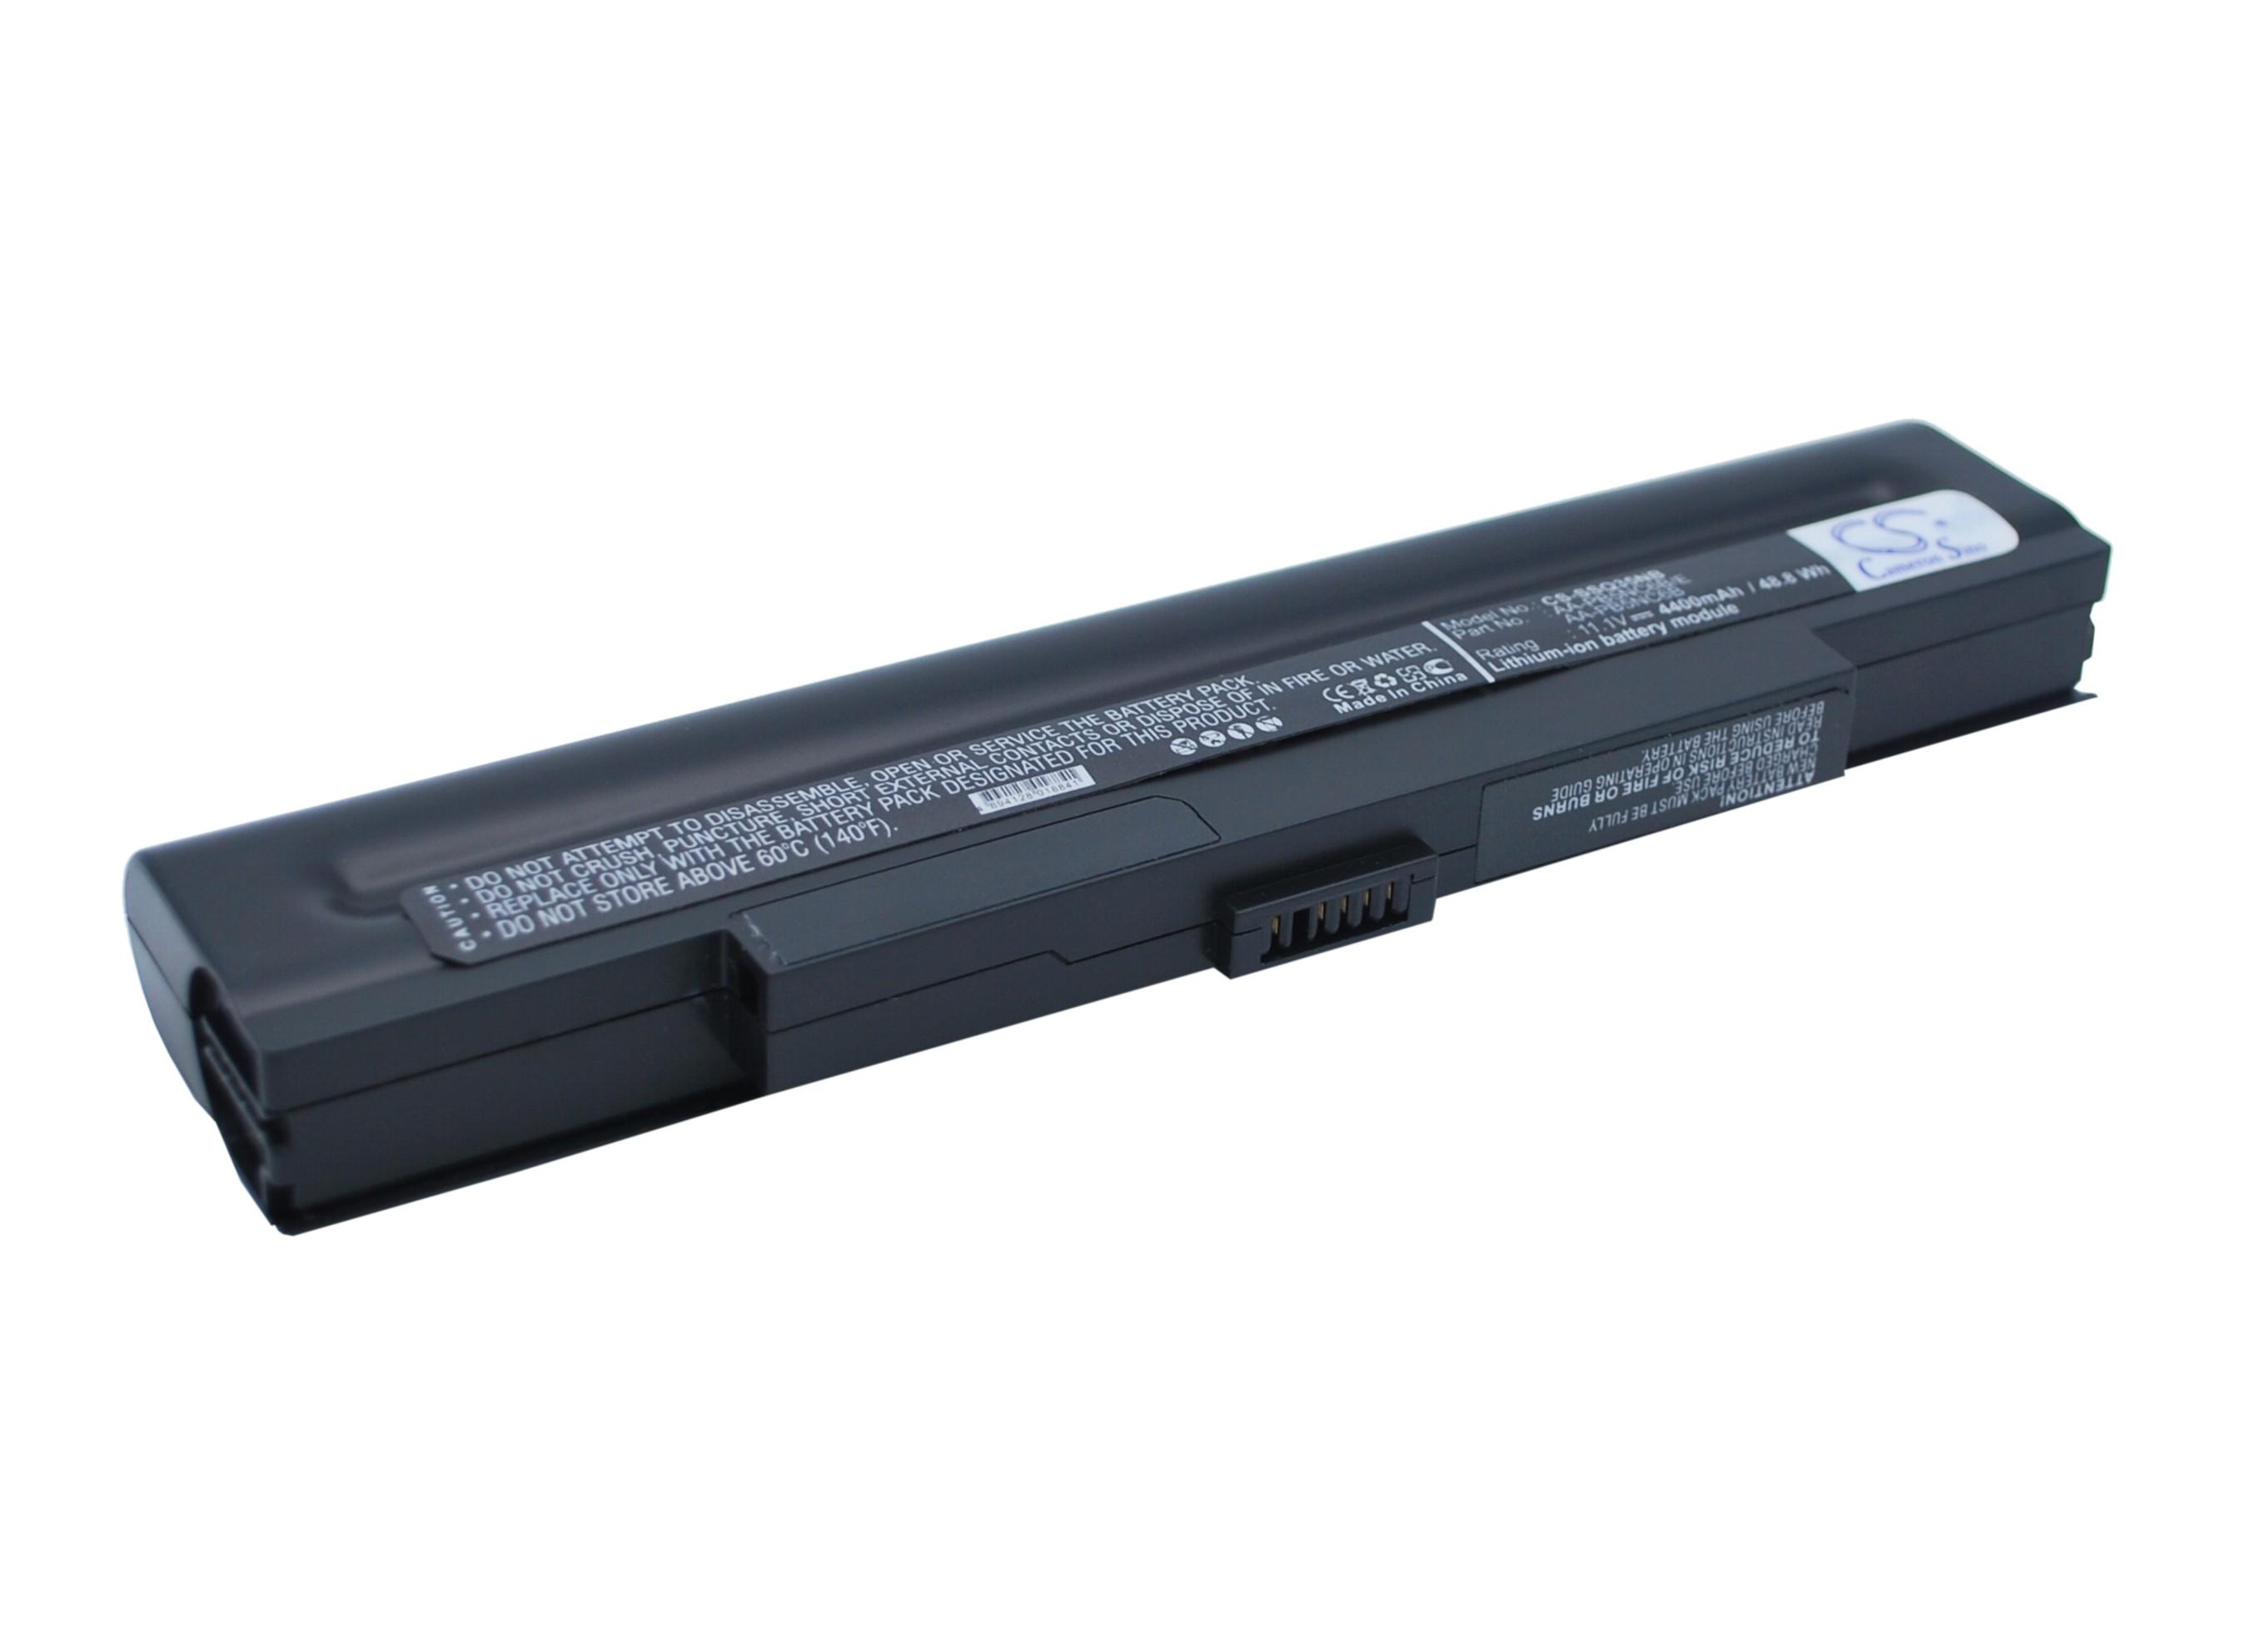 Cameron Sino baterie do notebooků pro SAMSUNG Q35-T5500 Ruby 11.1V Li-ion 4400mAh černá - neoriginální